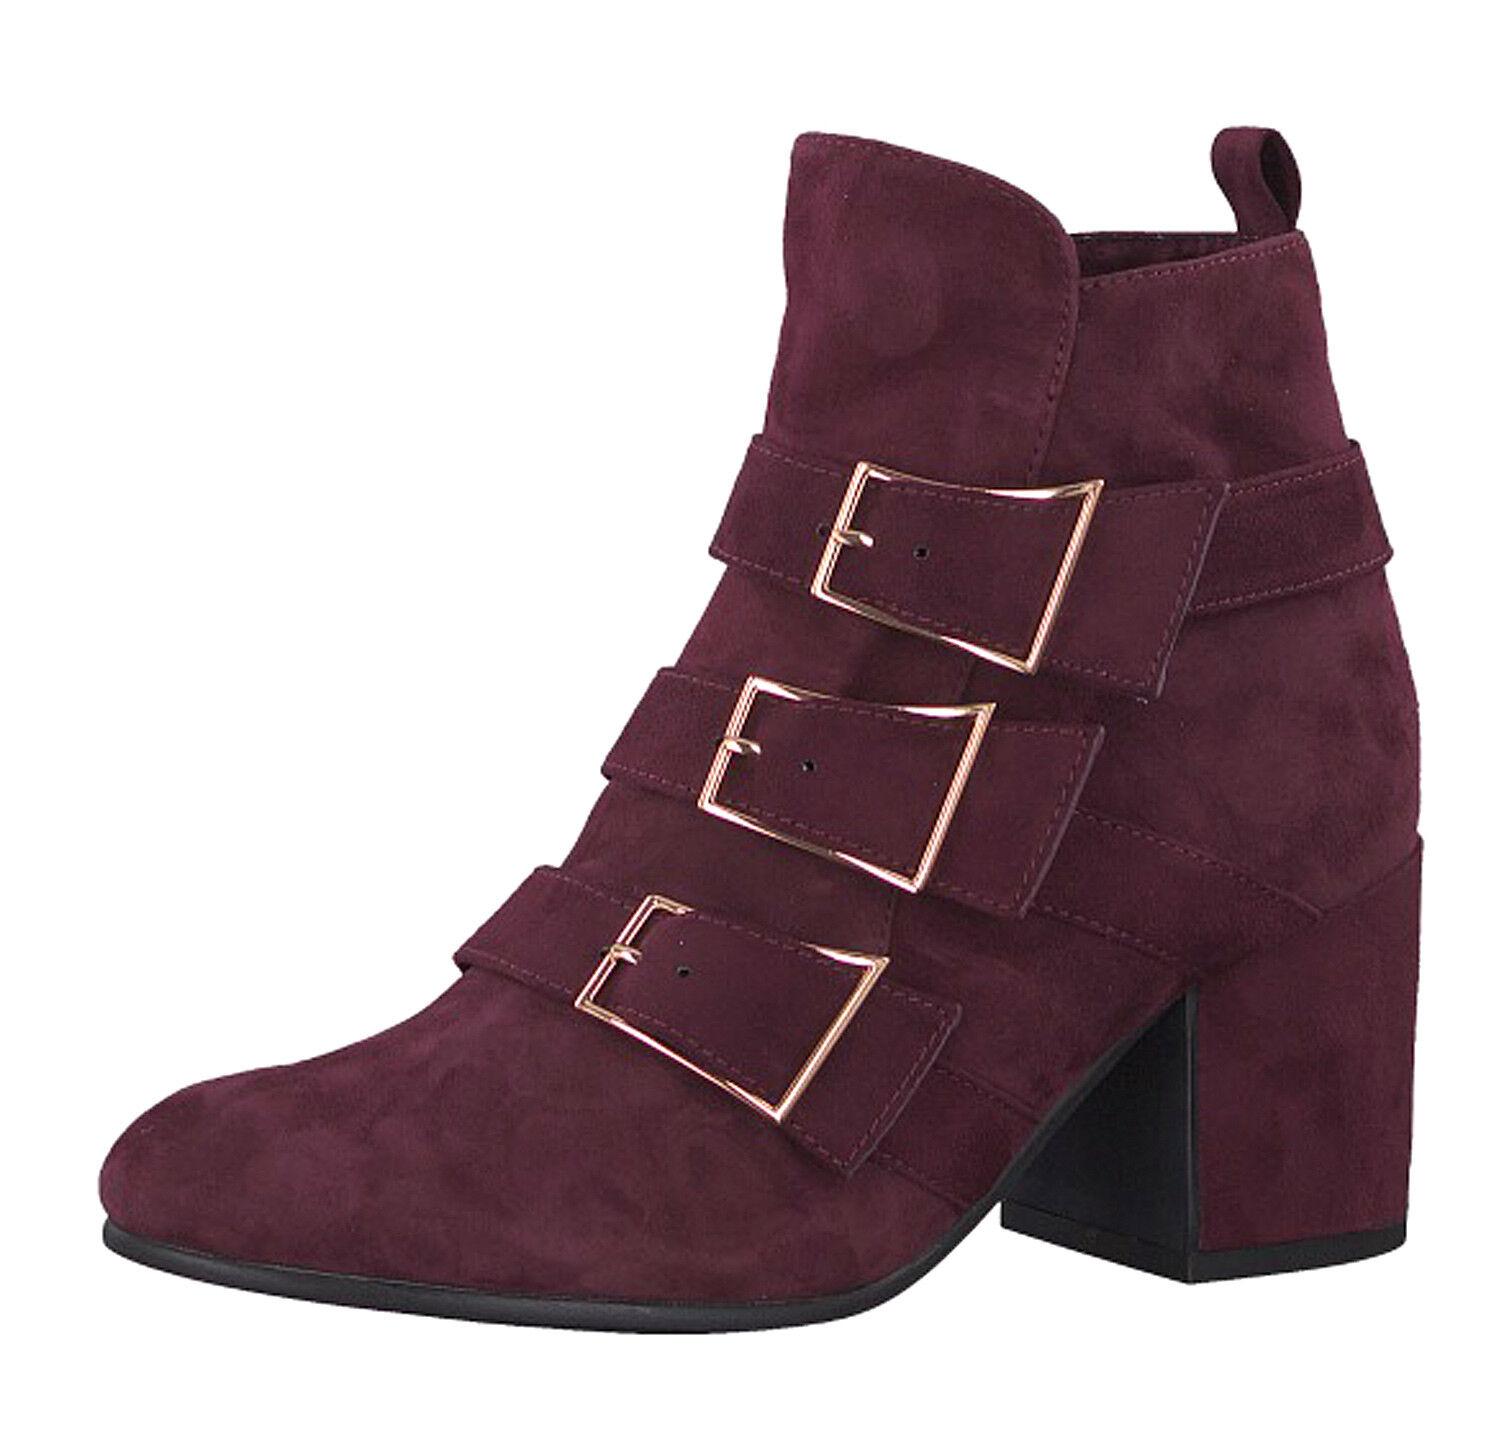 Tamaris x Marcel Ostertag 25302 Merlot burgundy suede block heel ankle boots 3-8